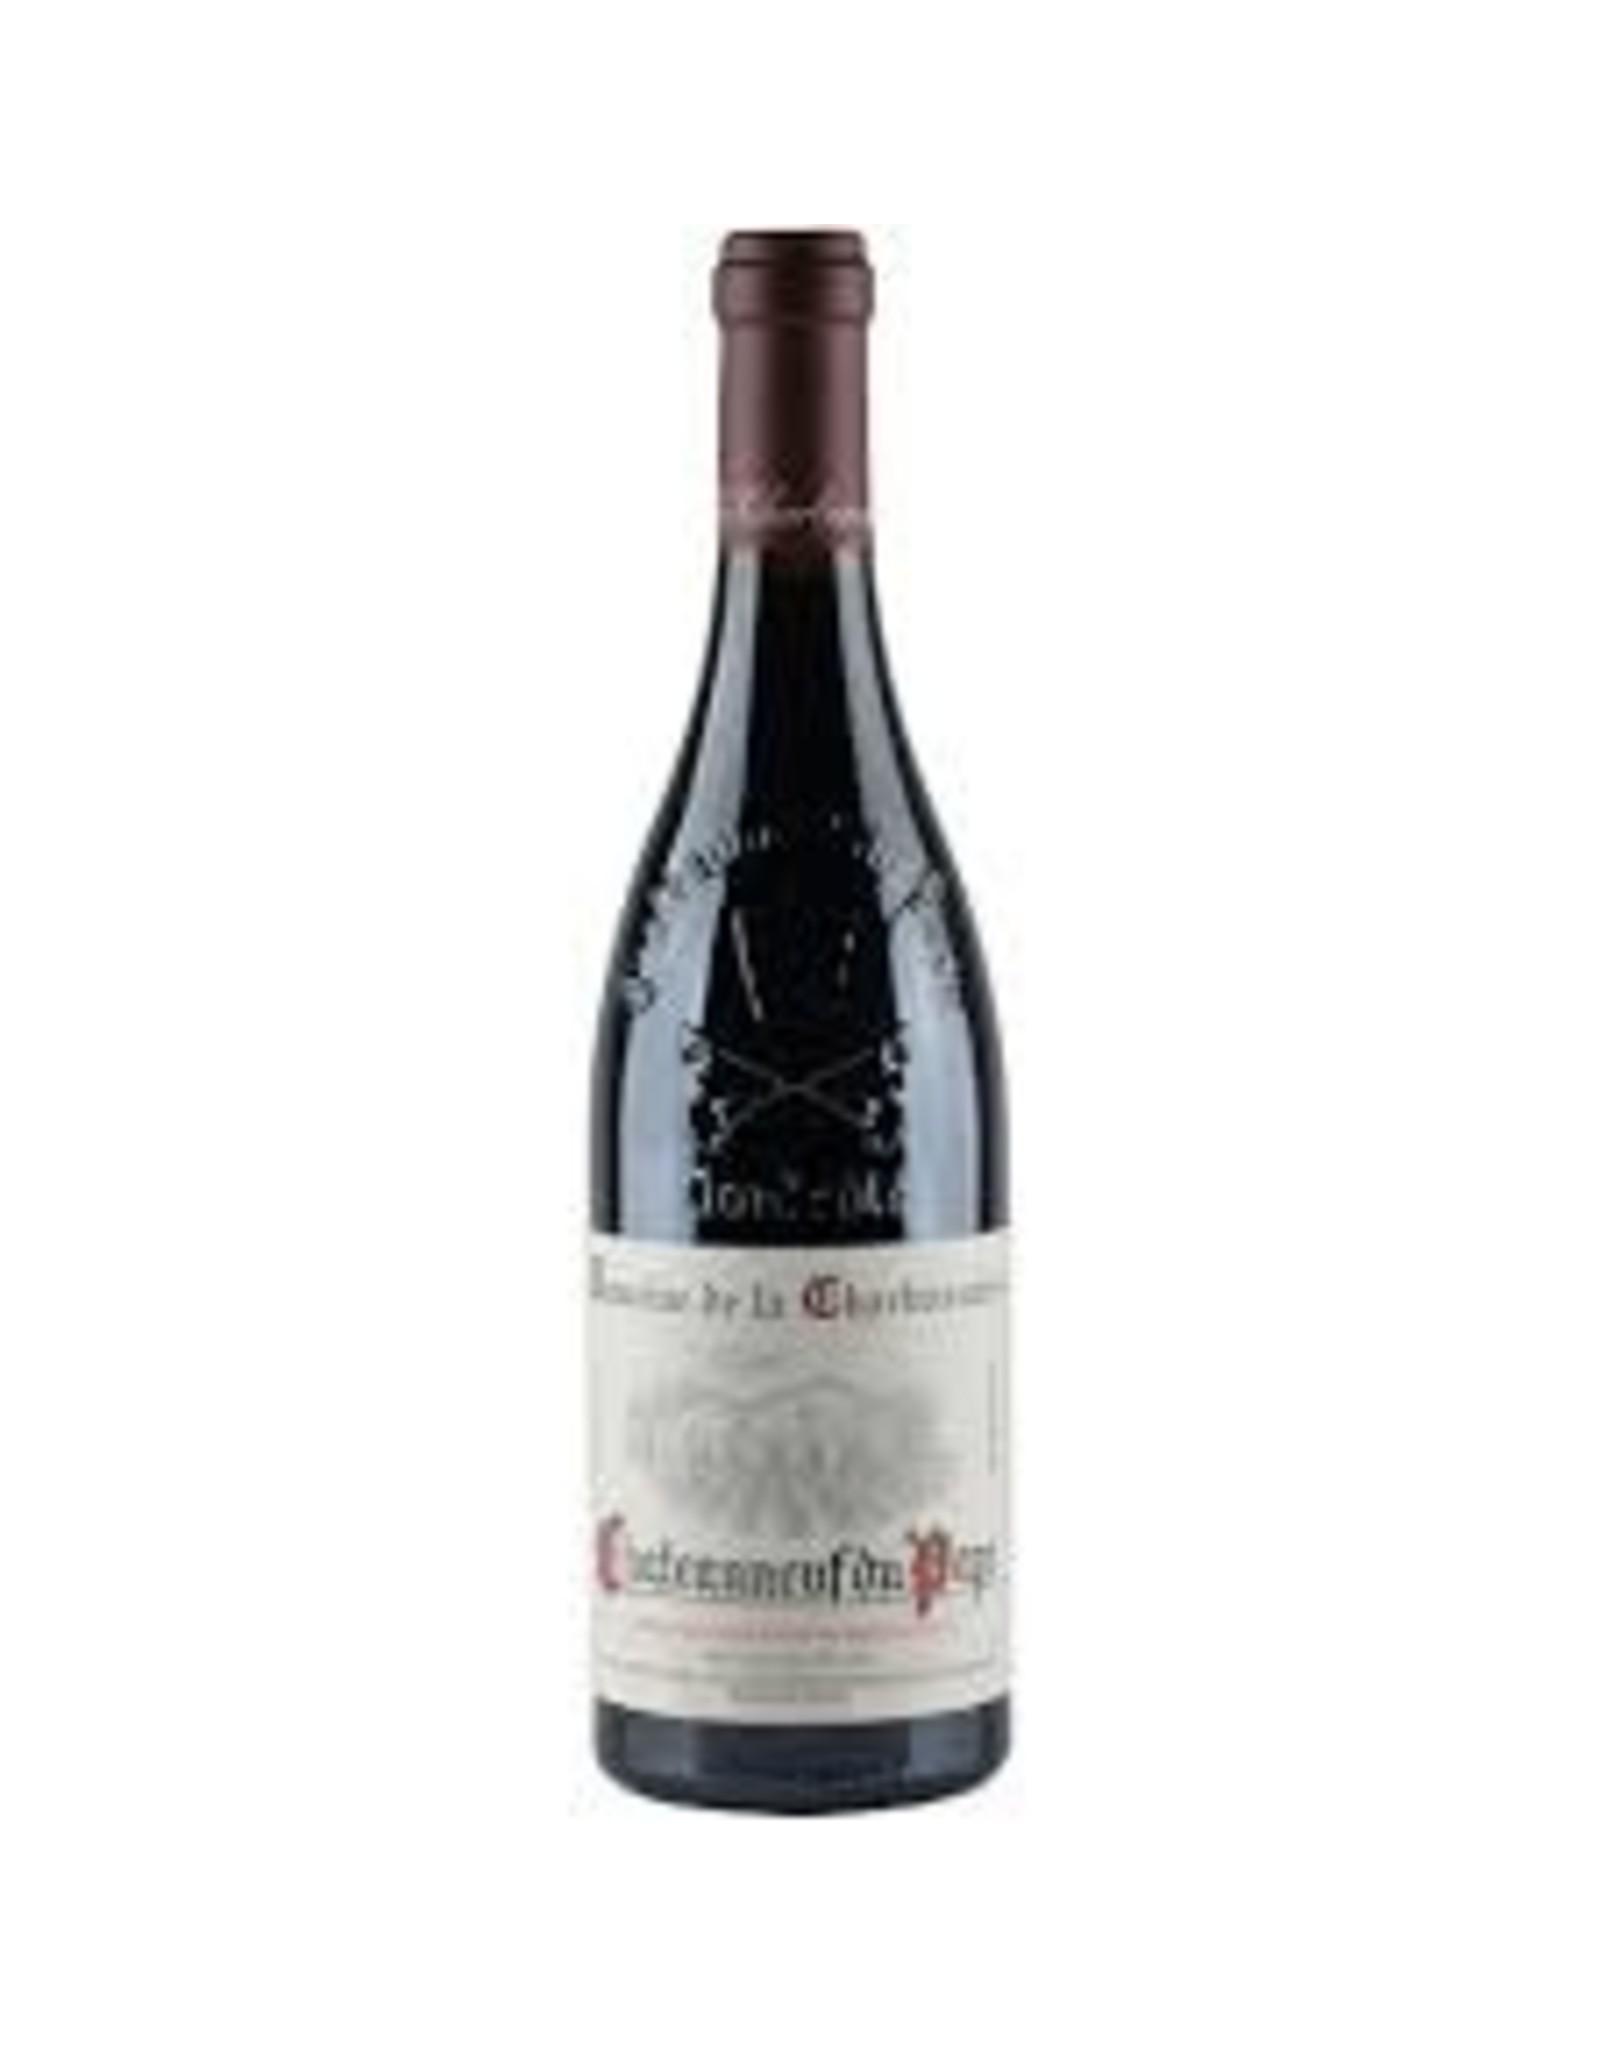 Dom Charbonniere Chateauneuf du Pape Vielle Vignes